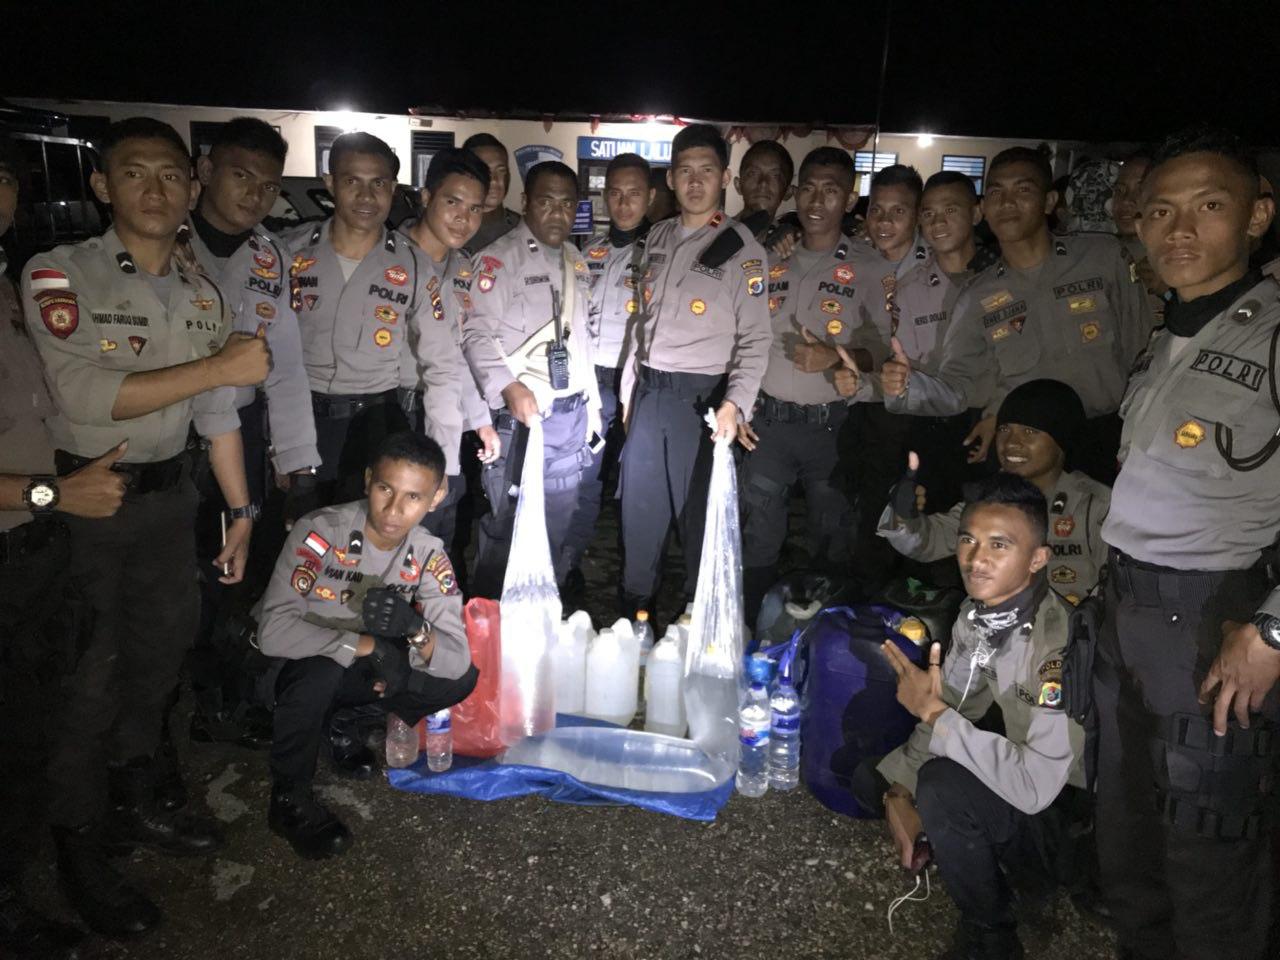 K2YD Beruntun, Malam Ini Kembali 160 Liter Miras Berhasil Disita